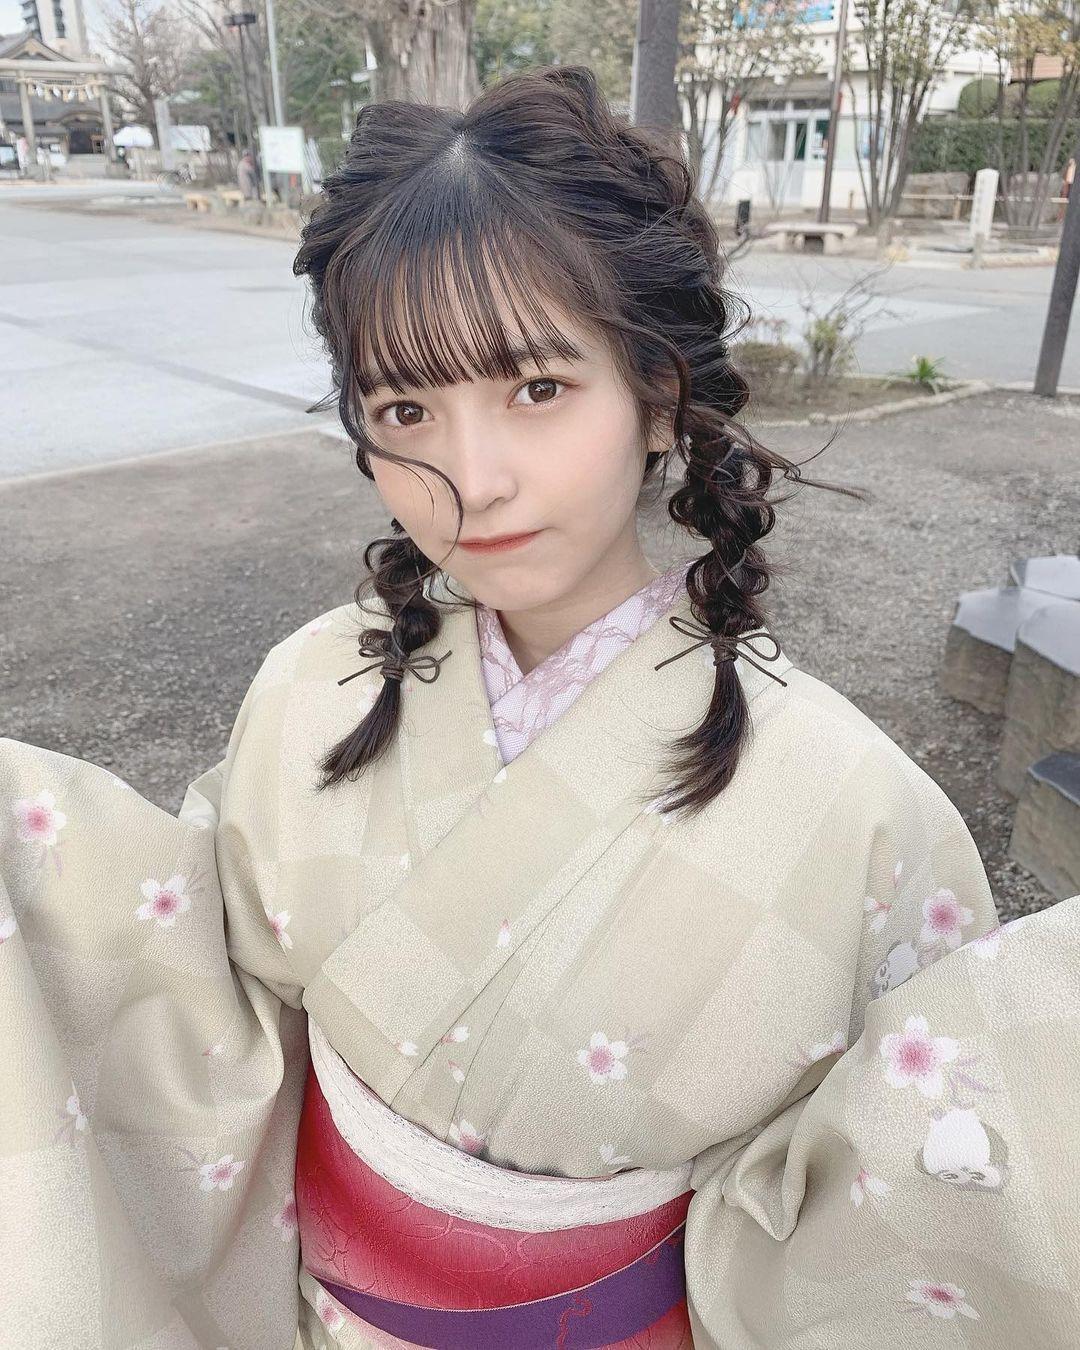 青春妹子无限18岁黑嵜菜菜子长得可爱 网络美女 第10张